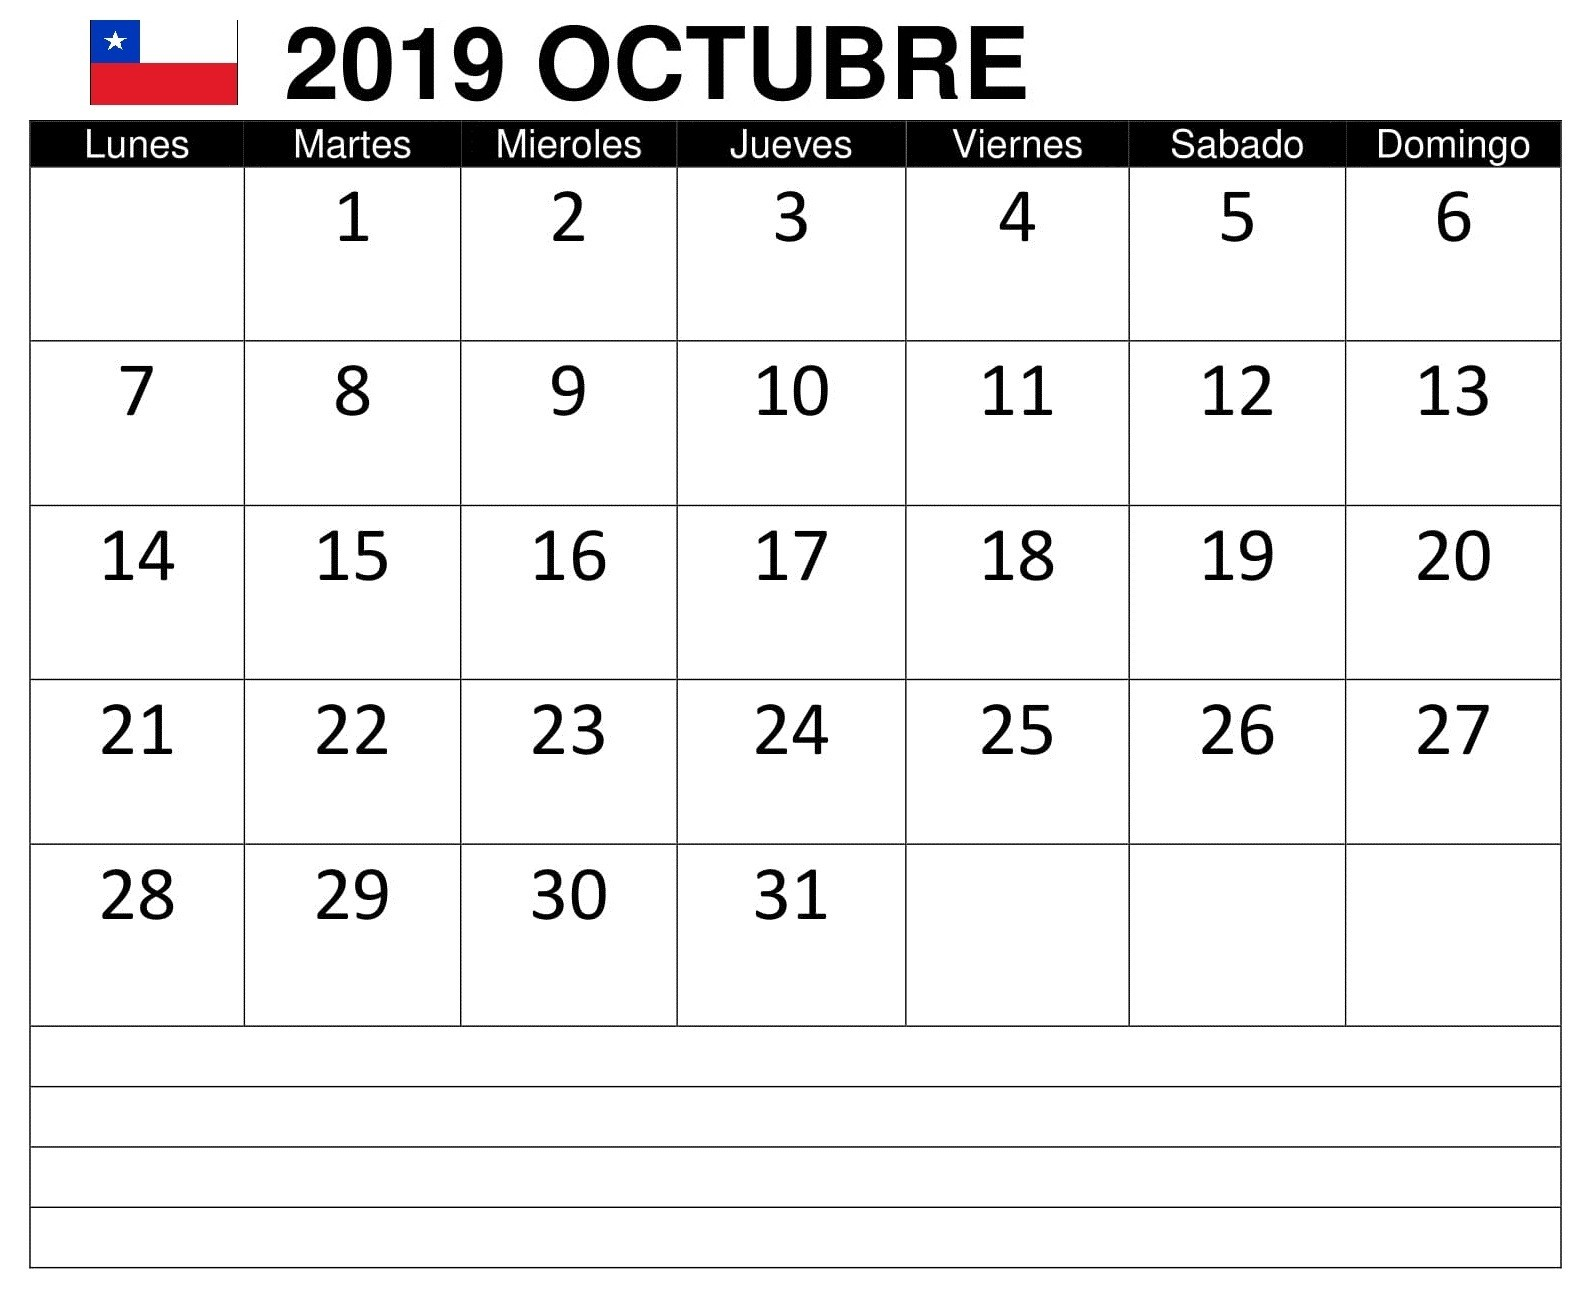 Calendario 2019 Noviembre Para Imprimir Más Caliente Calendario De Octubre 2019 Of Calendario 2019 Noviembre Para Imprimir Más Caliente Calendario 2019 Ninos